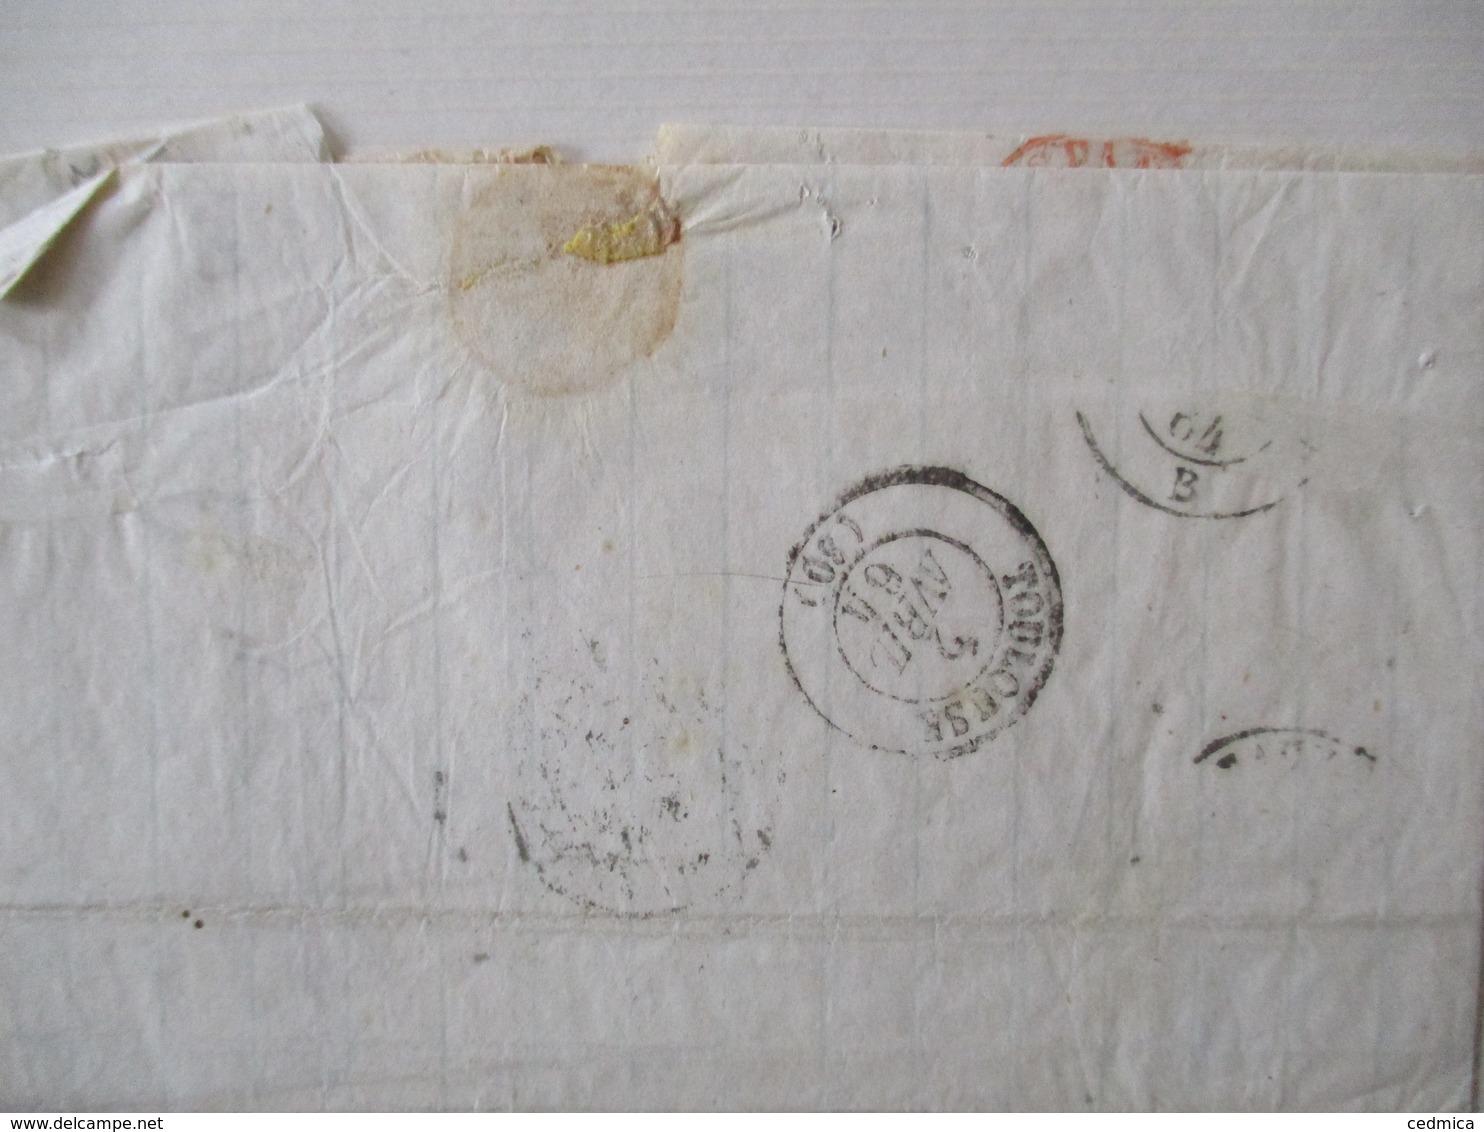 ESP. ST-JEAN DE LUZ 1 AVRIL 64  TOULOUSE 5 AVRIL 64 ESPANA CACHET ROUGE 1 AVRIL 5c TIMBRE CORREOS 12 Ctos 1864 - 1849-1876: Période Classique